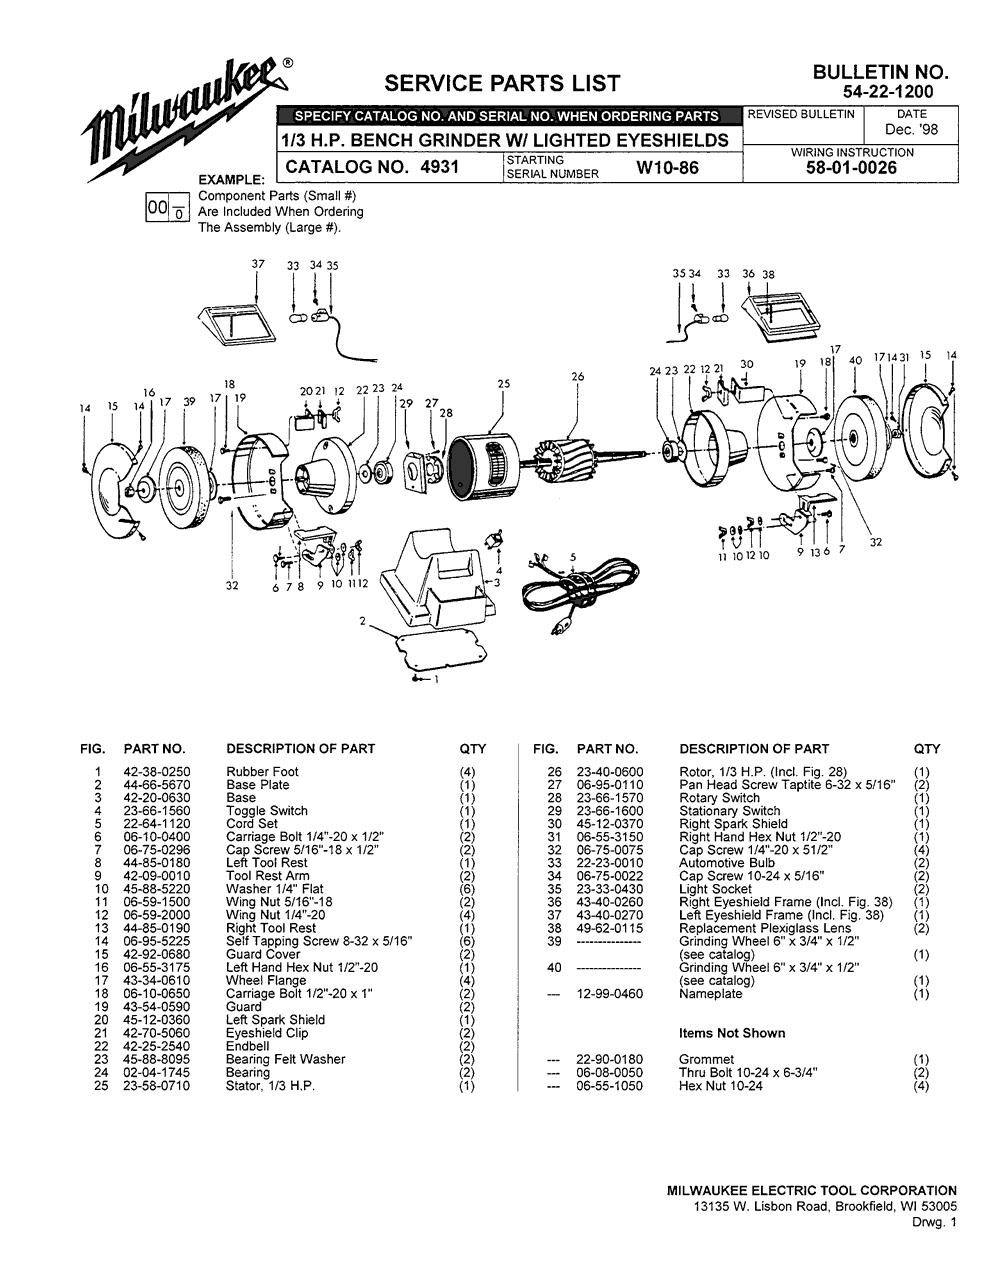 79 Reference Of Bench Grinder Diagram In 2020 Bench Grinder Grinder Pedestal Grinder